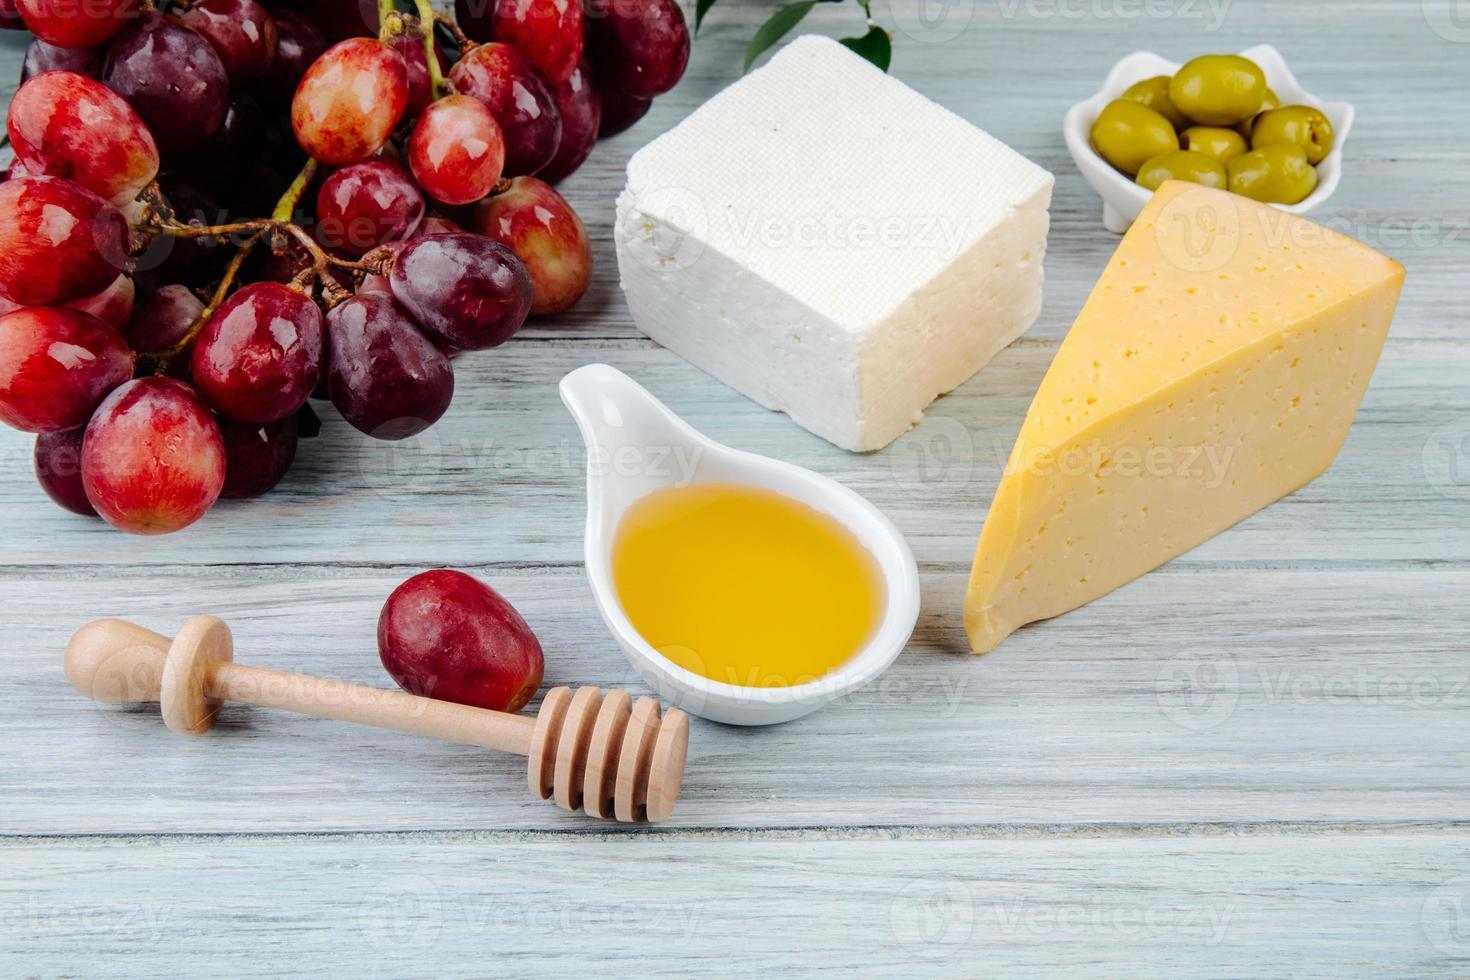 primer plano de miel, queso y otros aperitivos foto